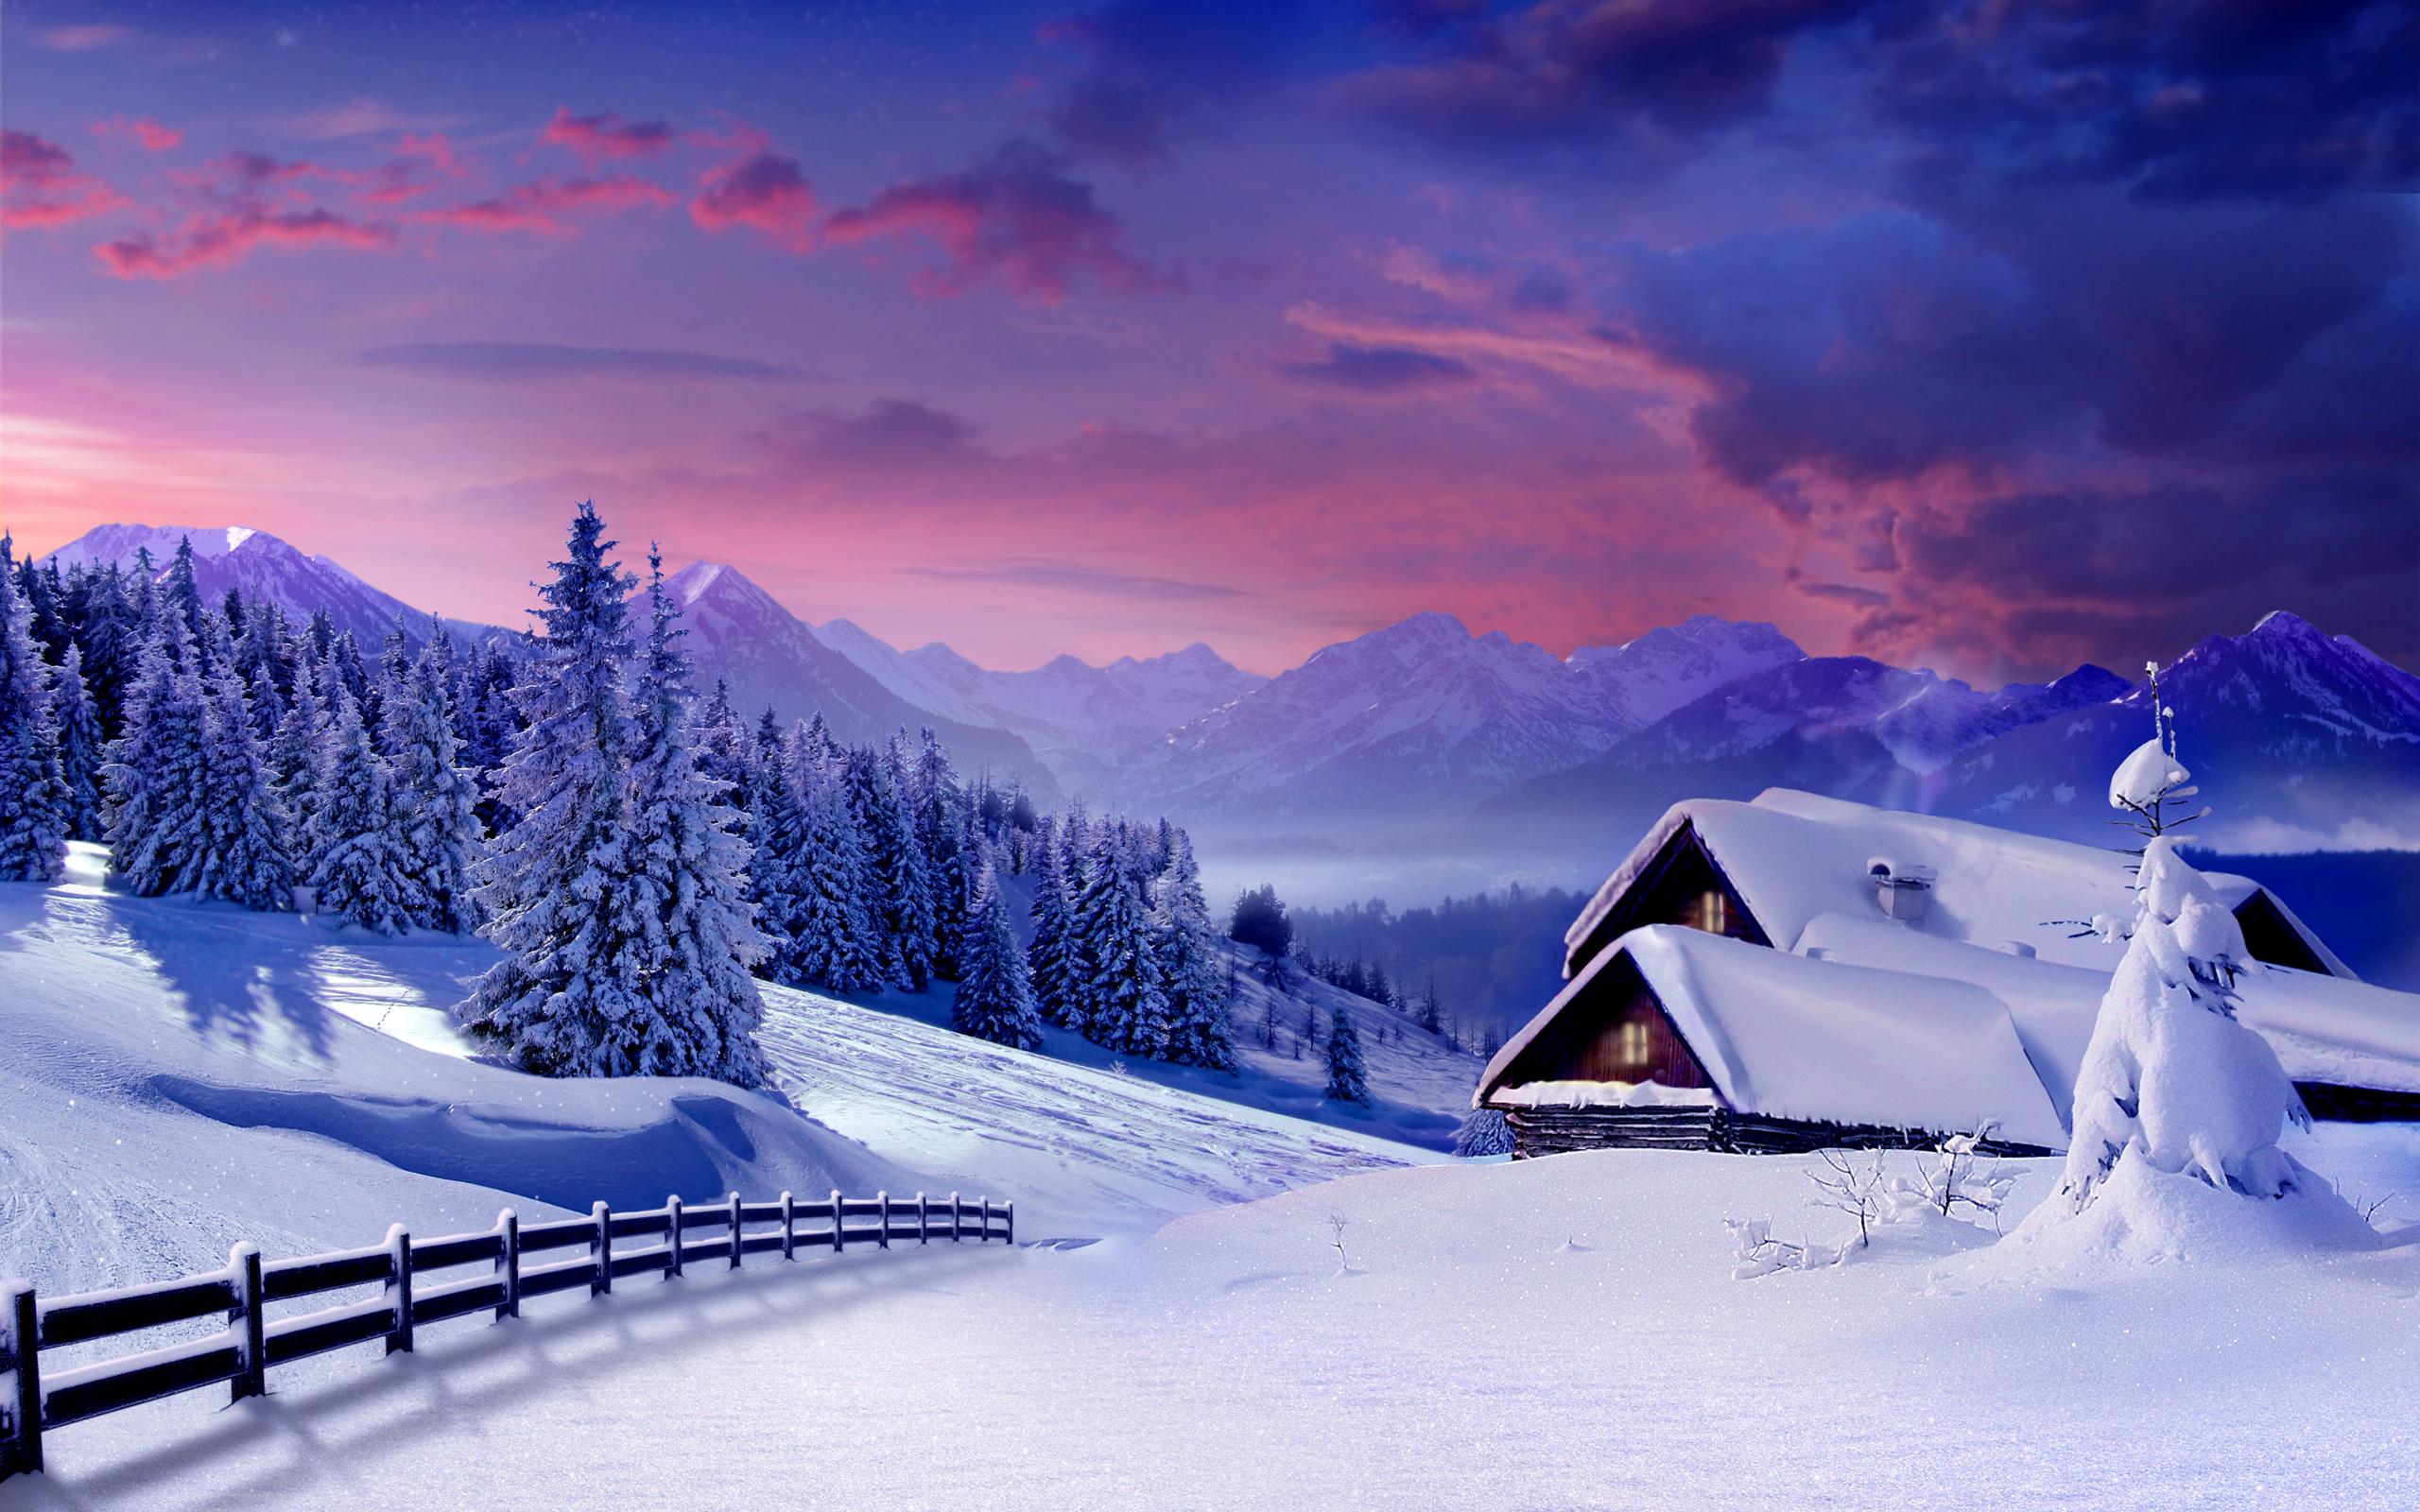 winter desktop wallpaper   wwwwallpapers in hdcom 2560x1600